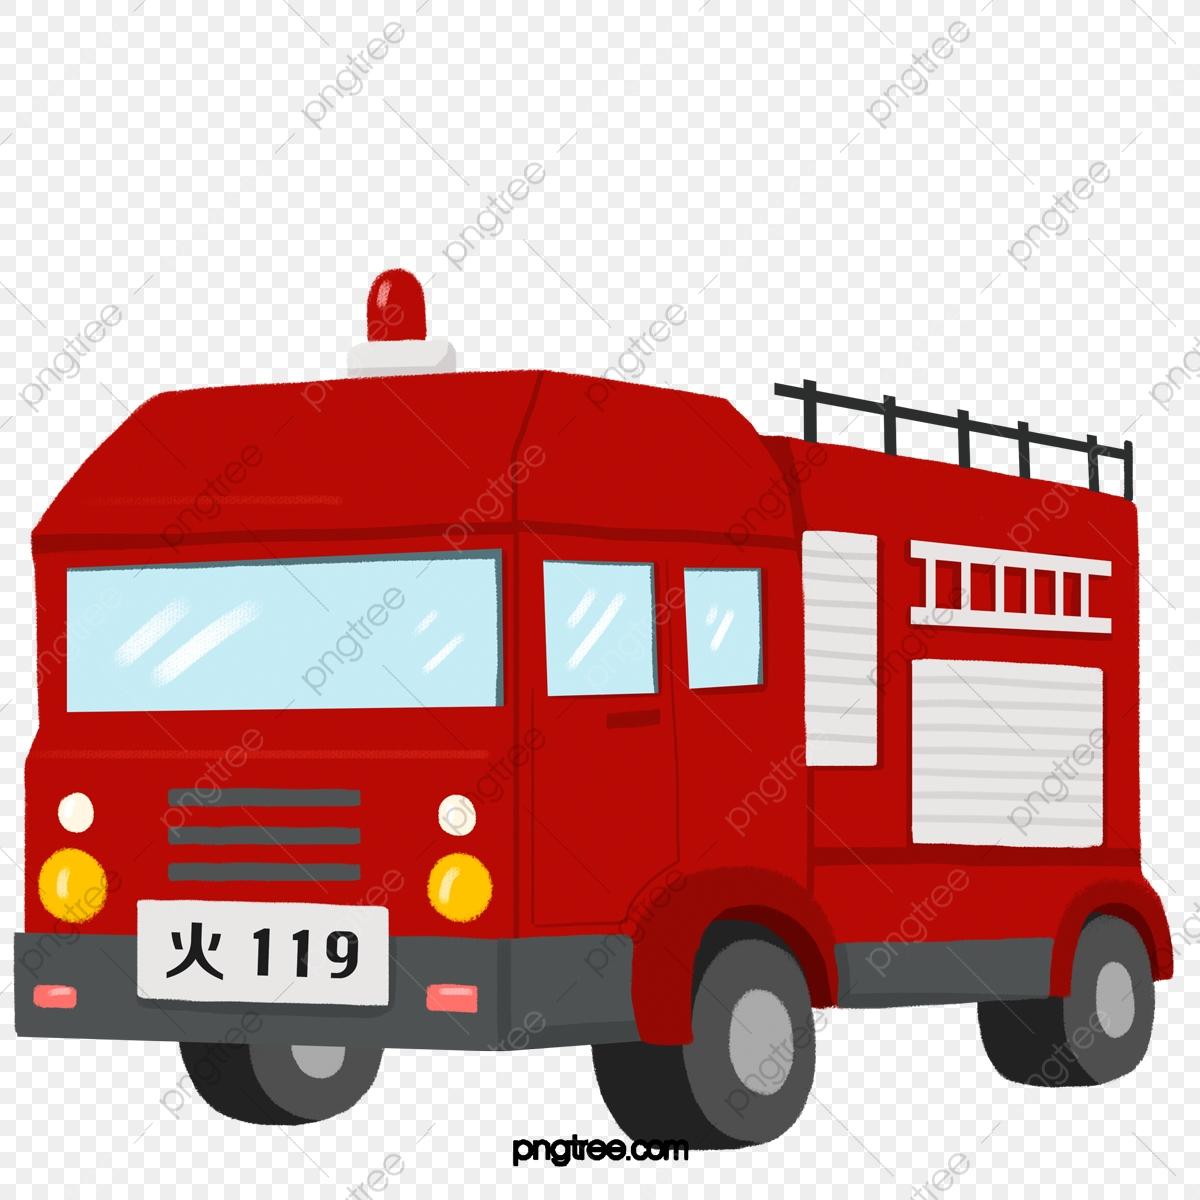 Rotes Feuerwehrauto, Die Feuerwehr, 119, Feuerbekämpfung Png bestimmt für Clipart Feuerwehrauto